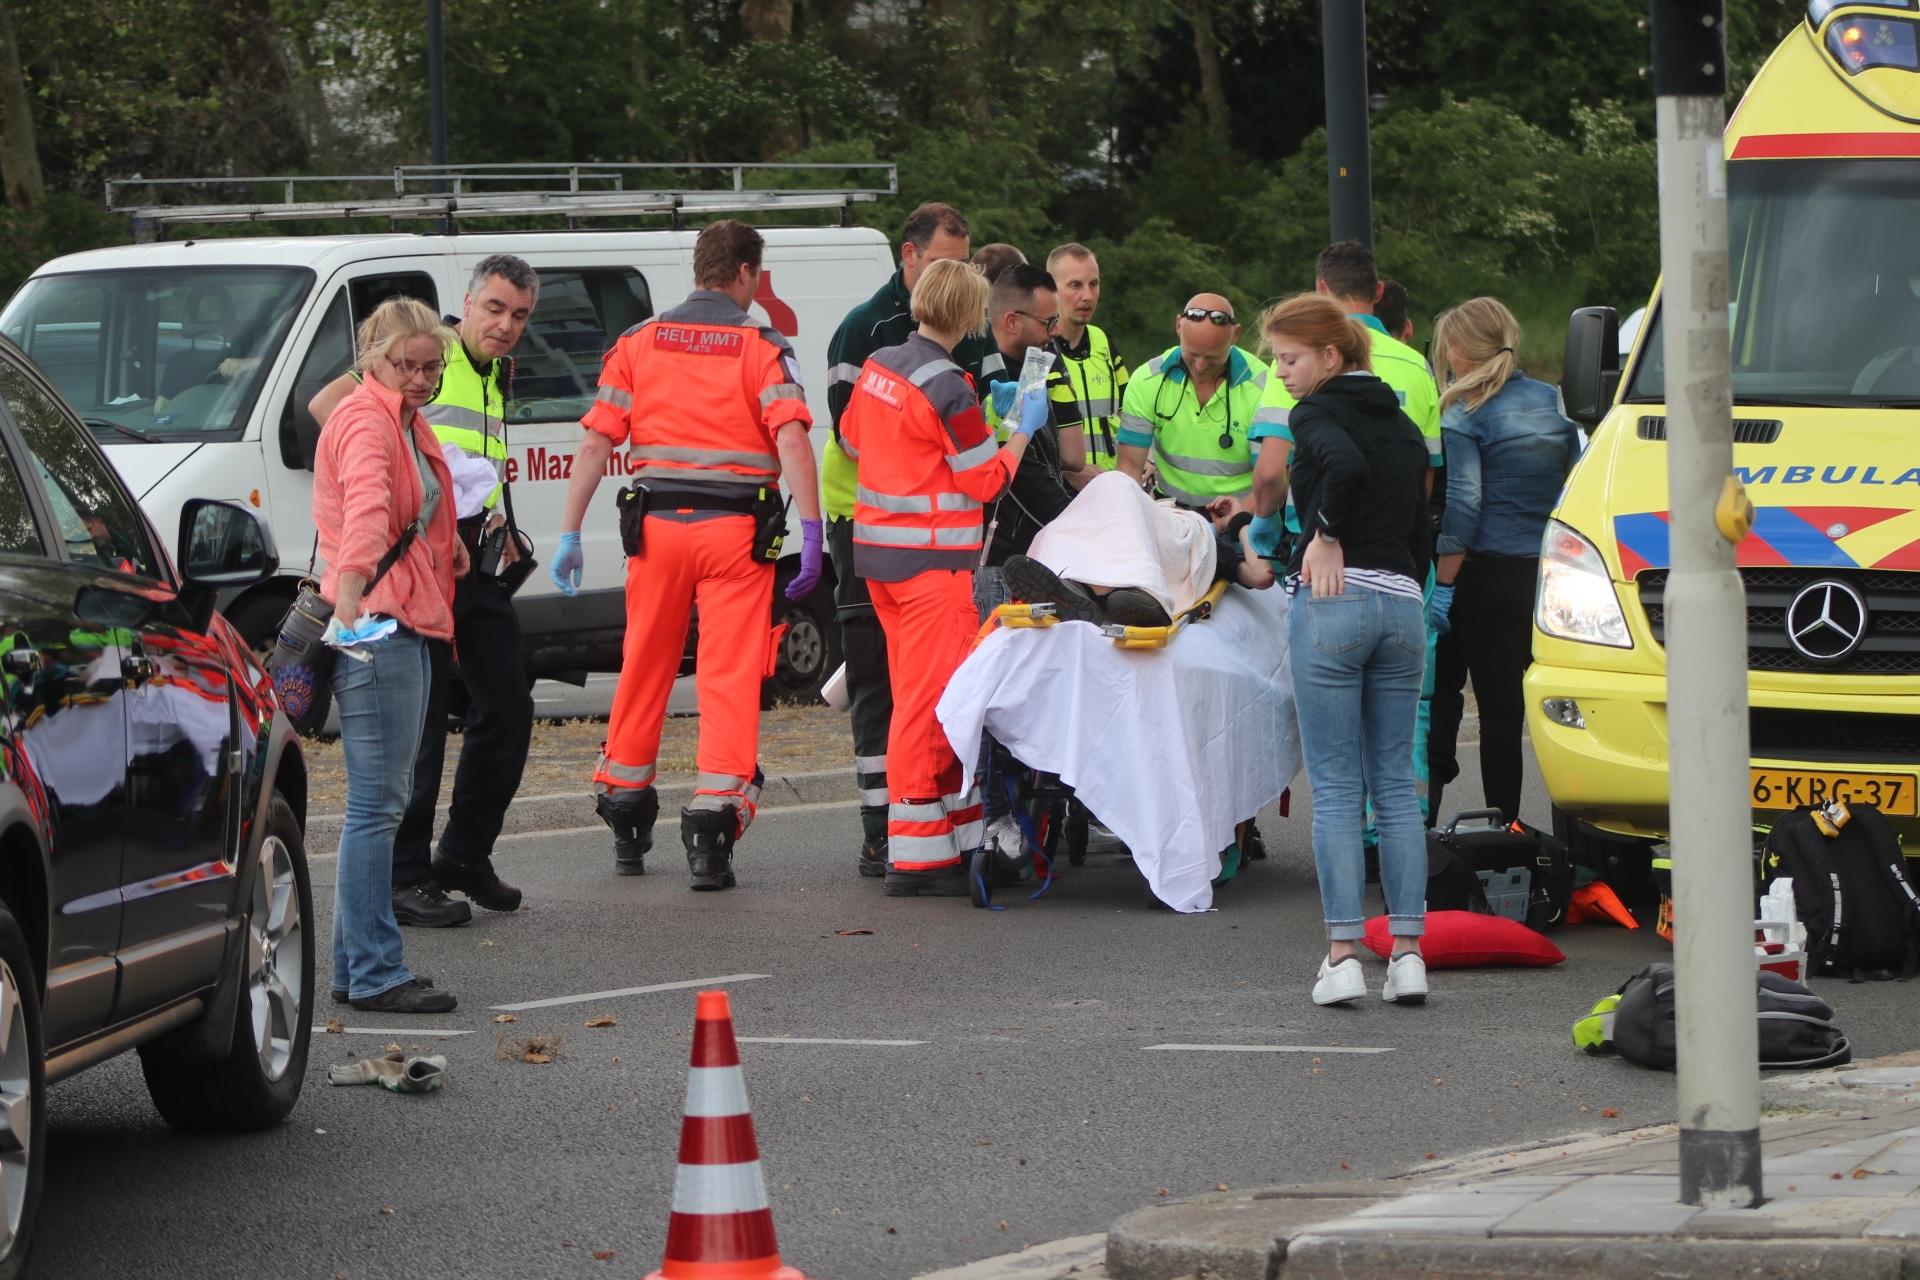 Traumahelikopter landt voor ernstig ongeval in Apeldoorn